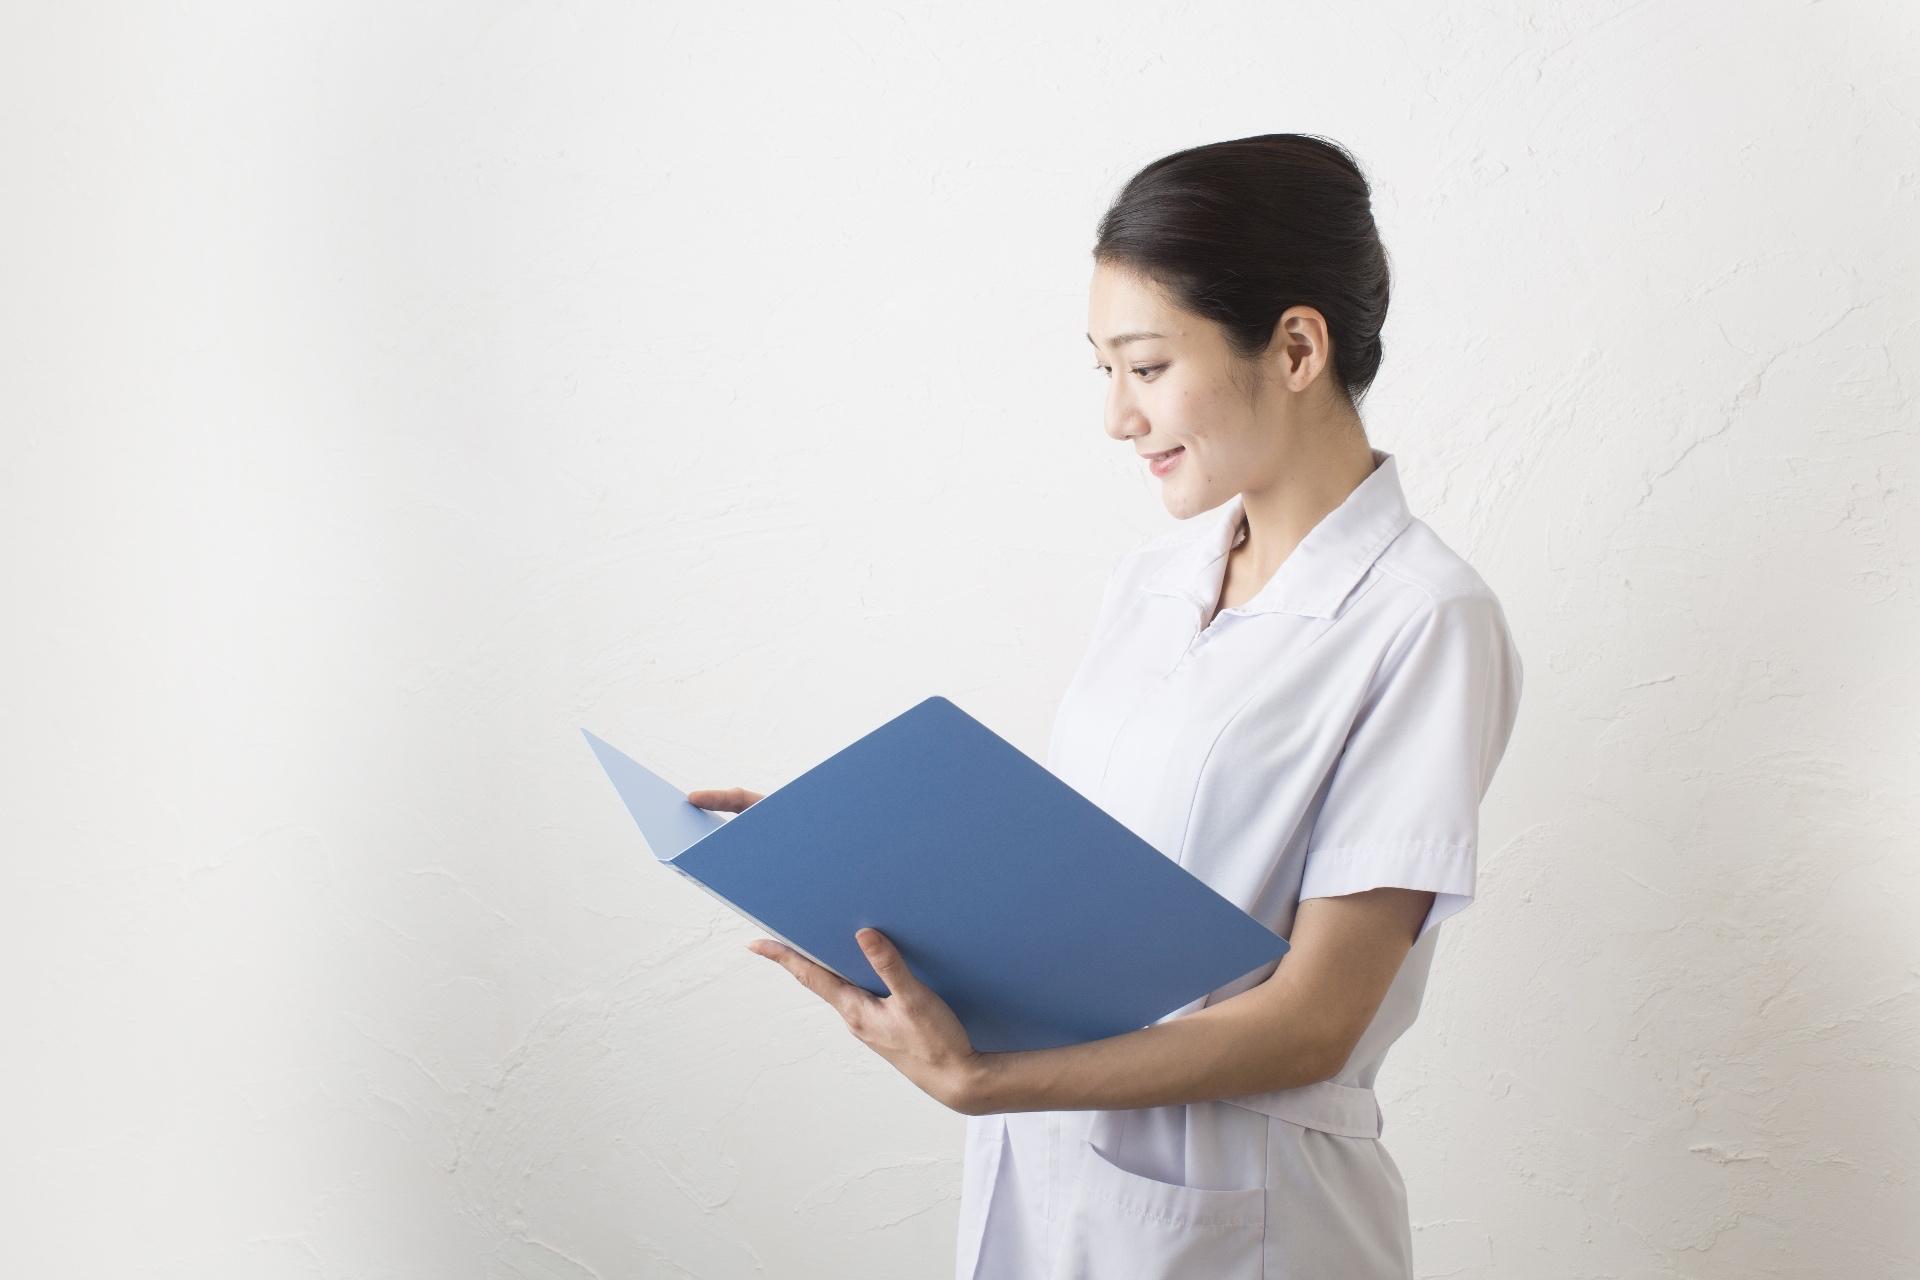 介護と医療ソーシャルワーカー(MSW)